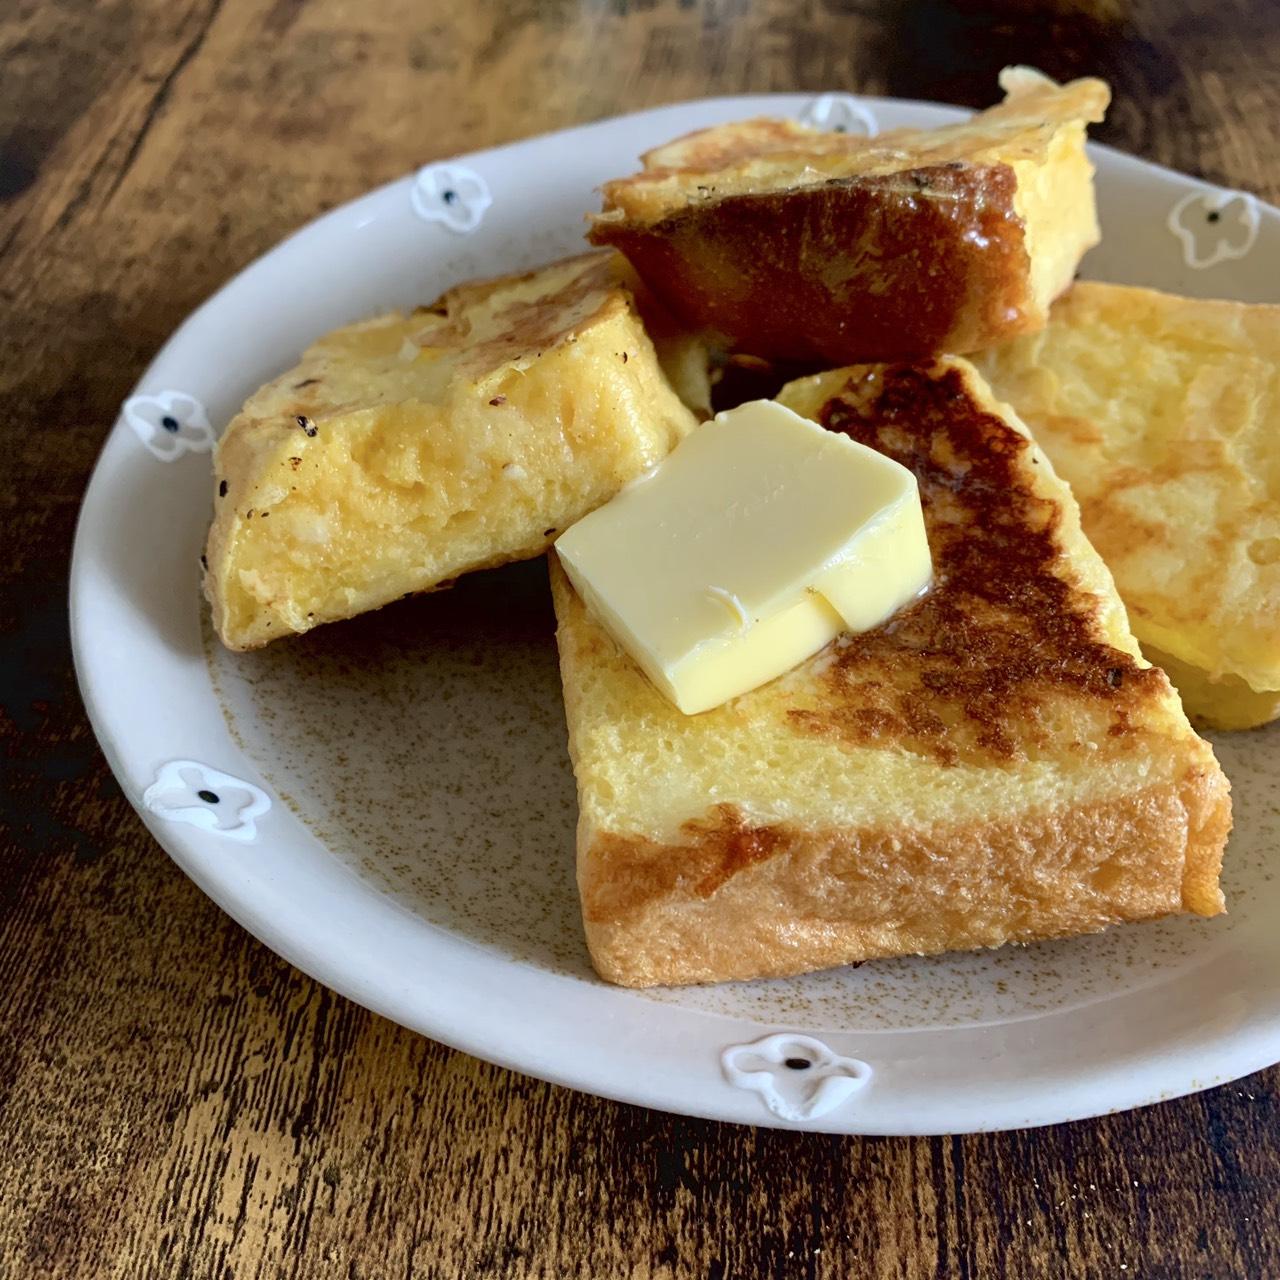 ホテル食パンを使用!! 簡単フレンチートースト